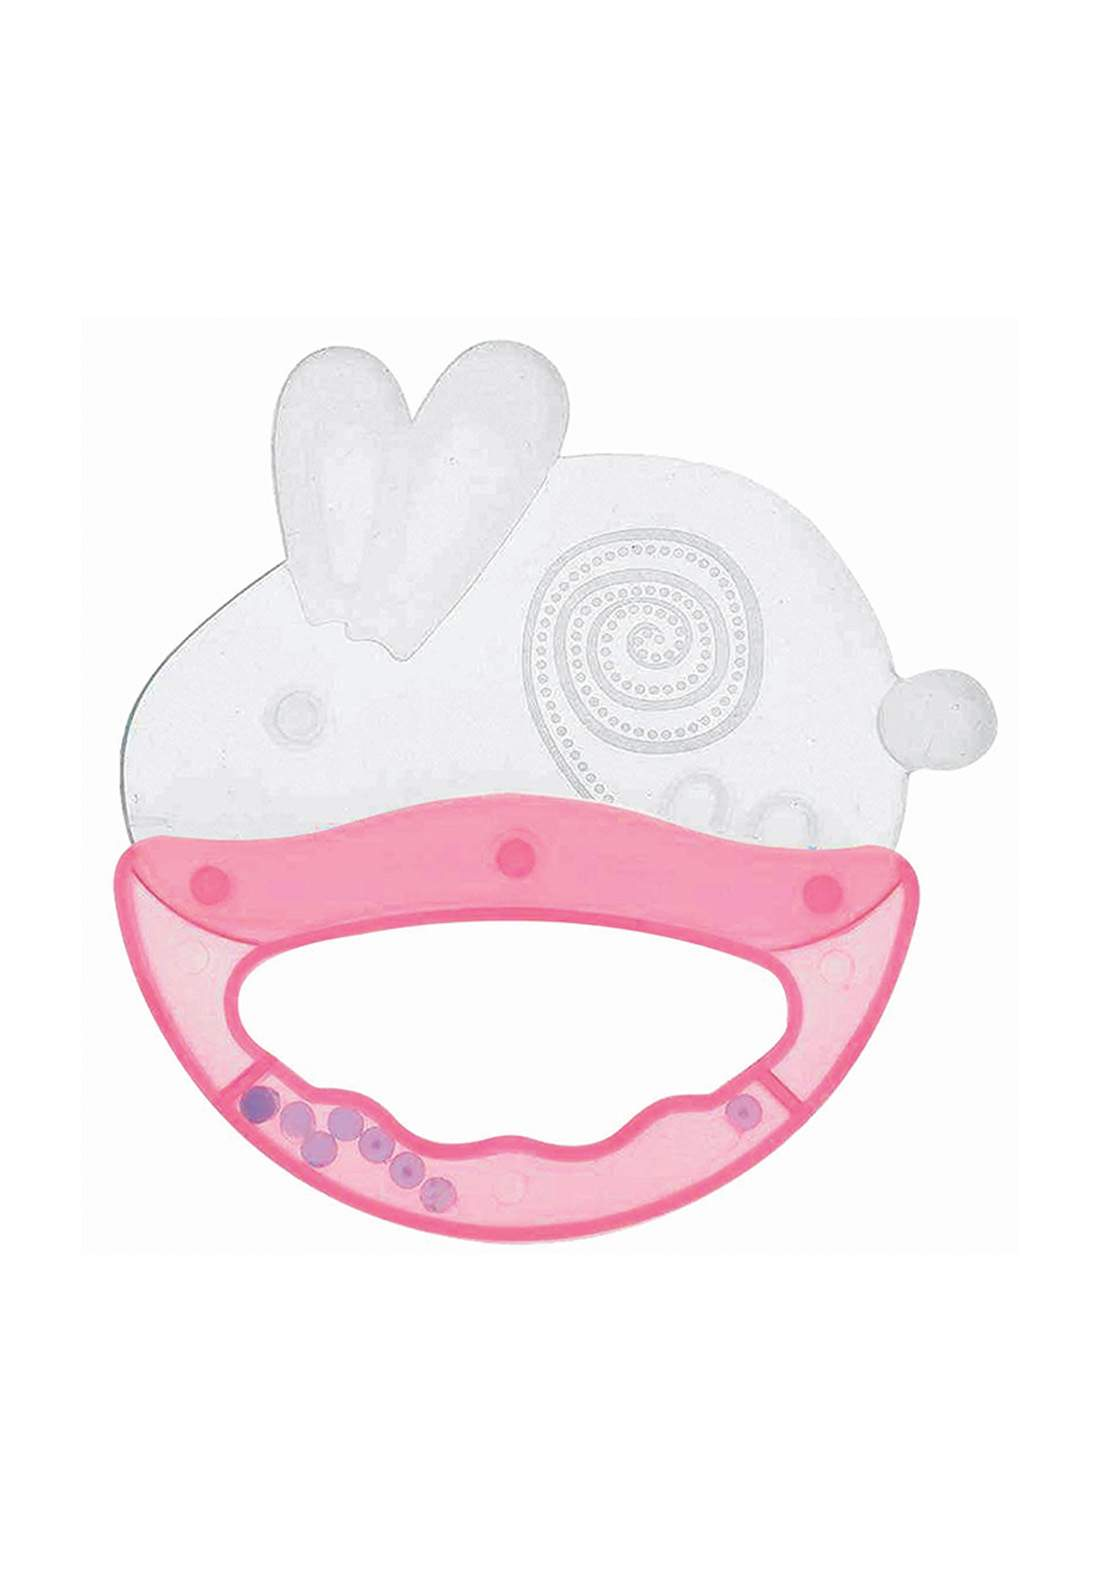 Optimal Silicone Baby Teether عضاضة اطفال